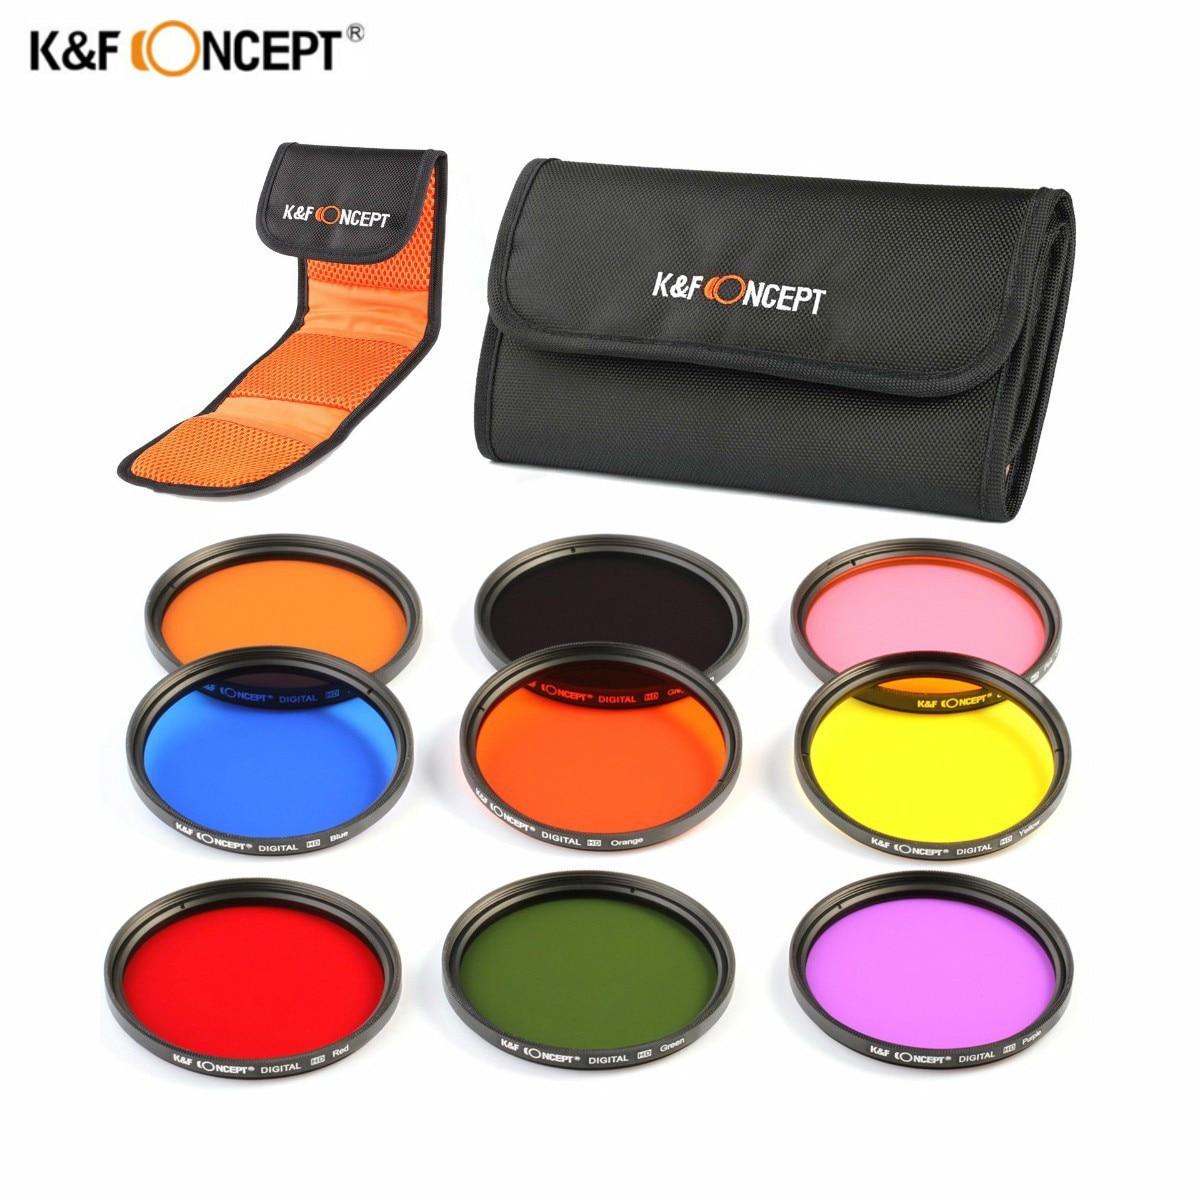 K&F Concept 9pcs 58mm Full Color ND Lens Filter Kit For Canon Rebel T4i T3i T2i T1i T3 For Nikon D7100 D5200 D3200 D310018-55mm 3pcs lot 58mm neutral density nd2 nd4 nd8 filter set 58 mm camera lens nd filtros for canon 600d 550d 450d rebel t4i t3 18 55mm